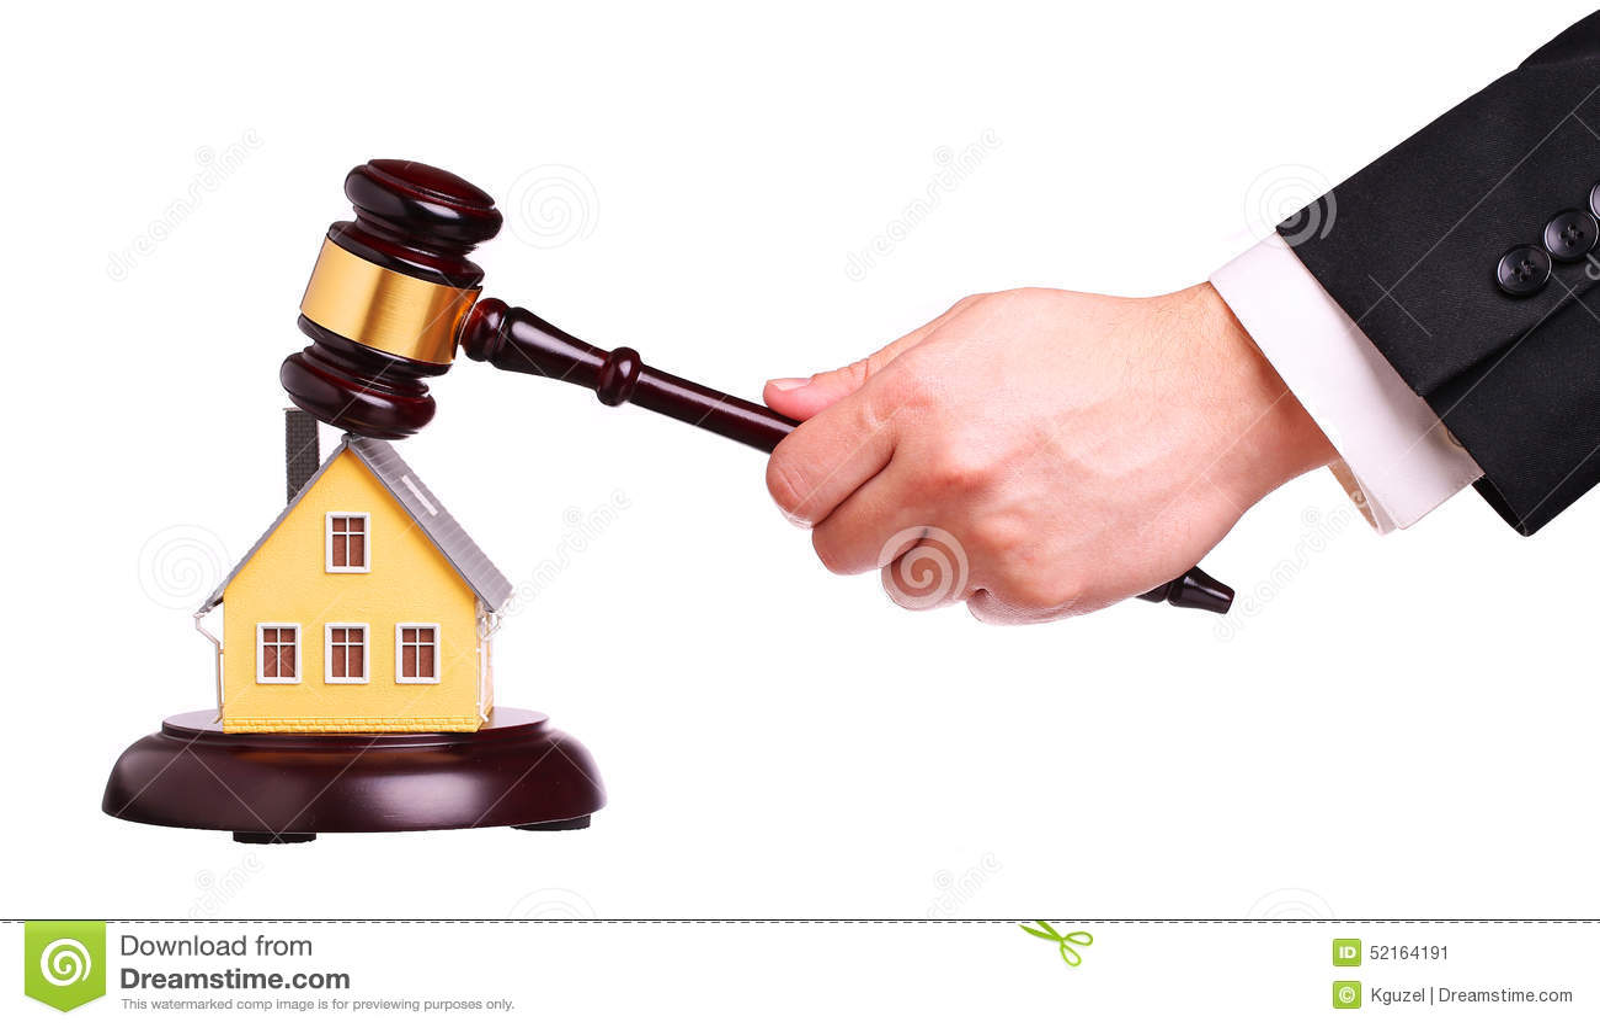 Conceito da venda da casa com martelo à disposição